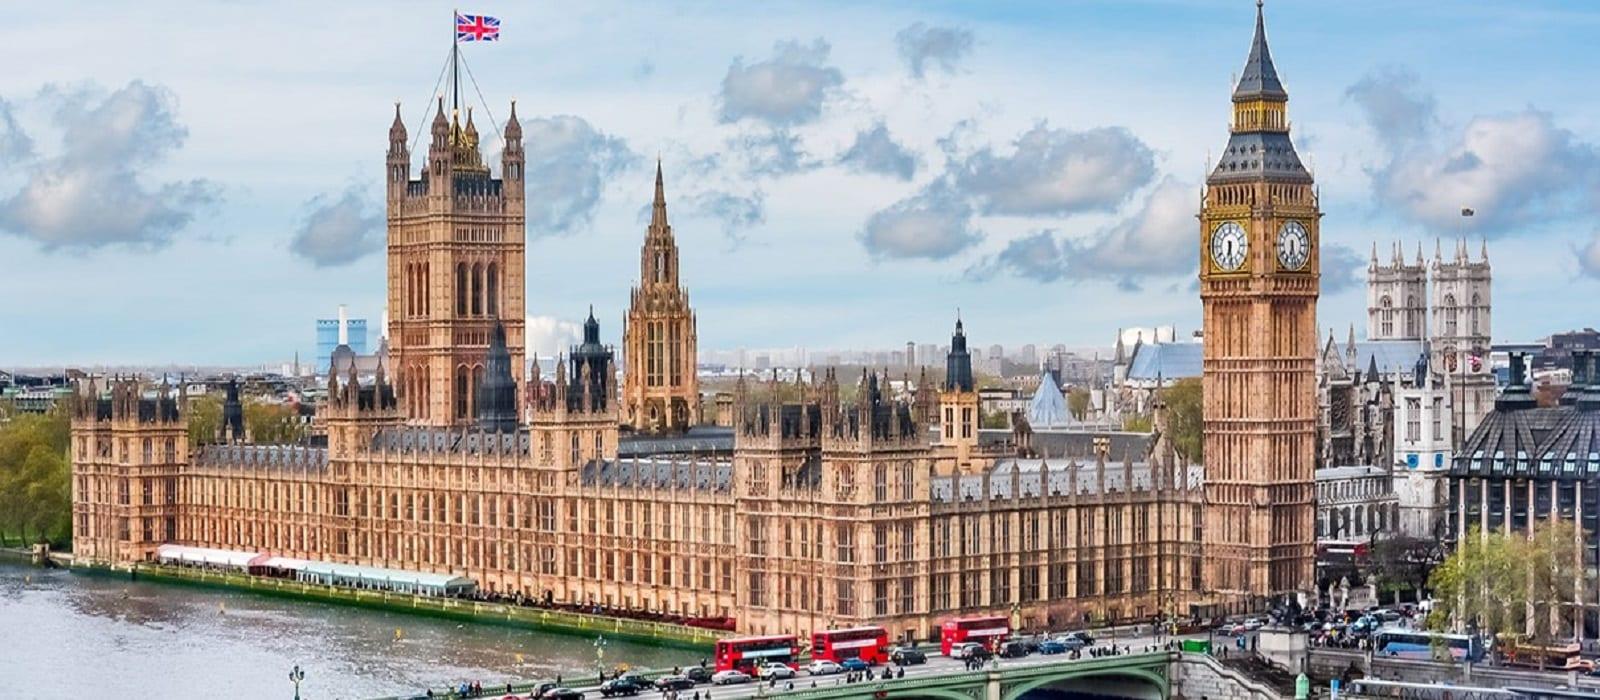 london-bigben-uk